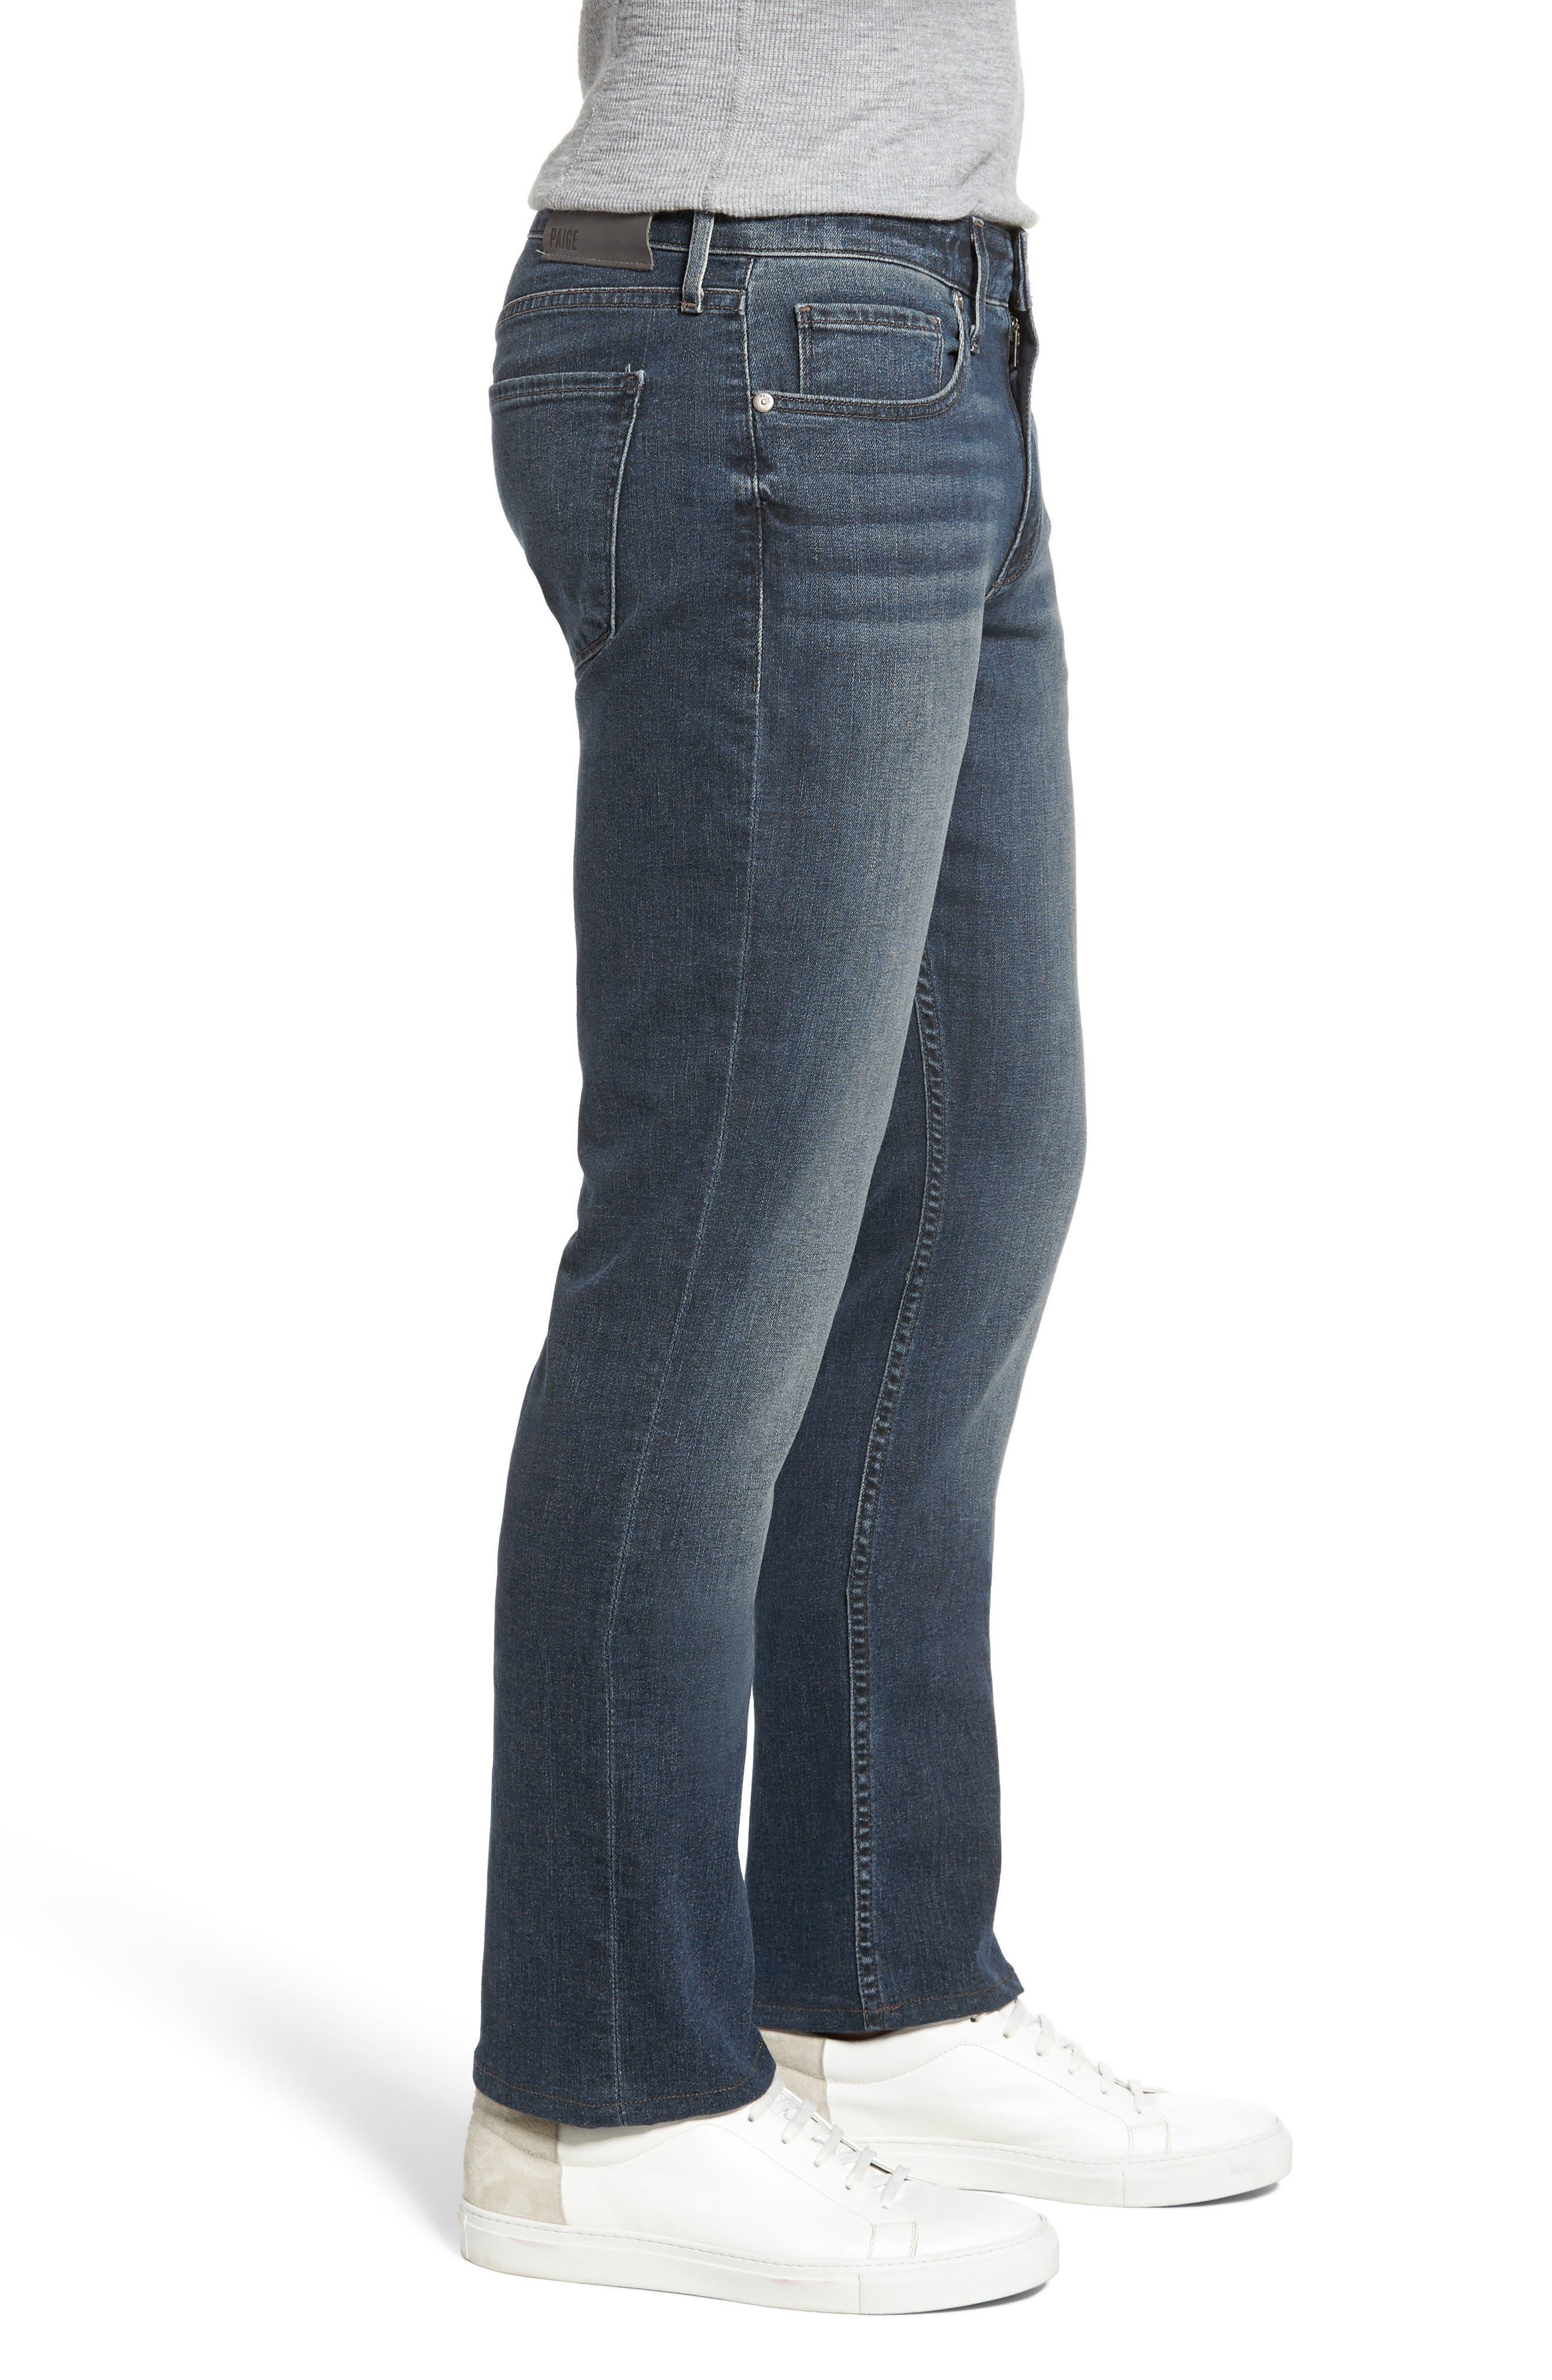 Normandie Straight Leg Jeans,                             Alternate thumbnail 3, color,                             Daniels